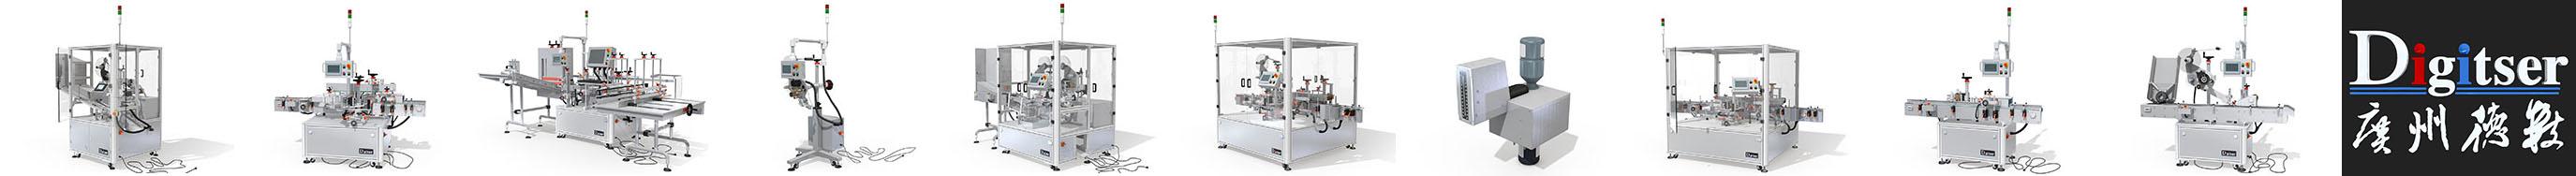 广州市德数机械设备有限公司 ── 专业研发、设计、生产贴标机/不干胶贴标机/包装机/包装生产线/定制非标设备